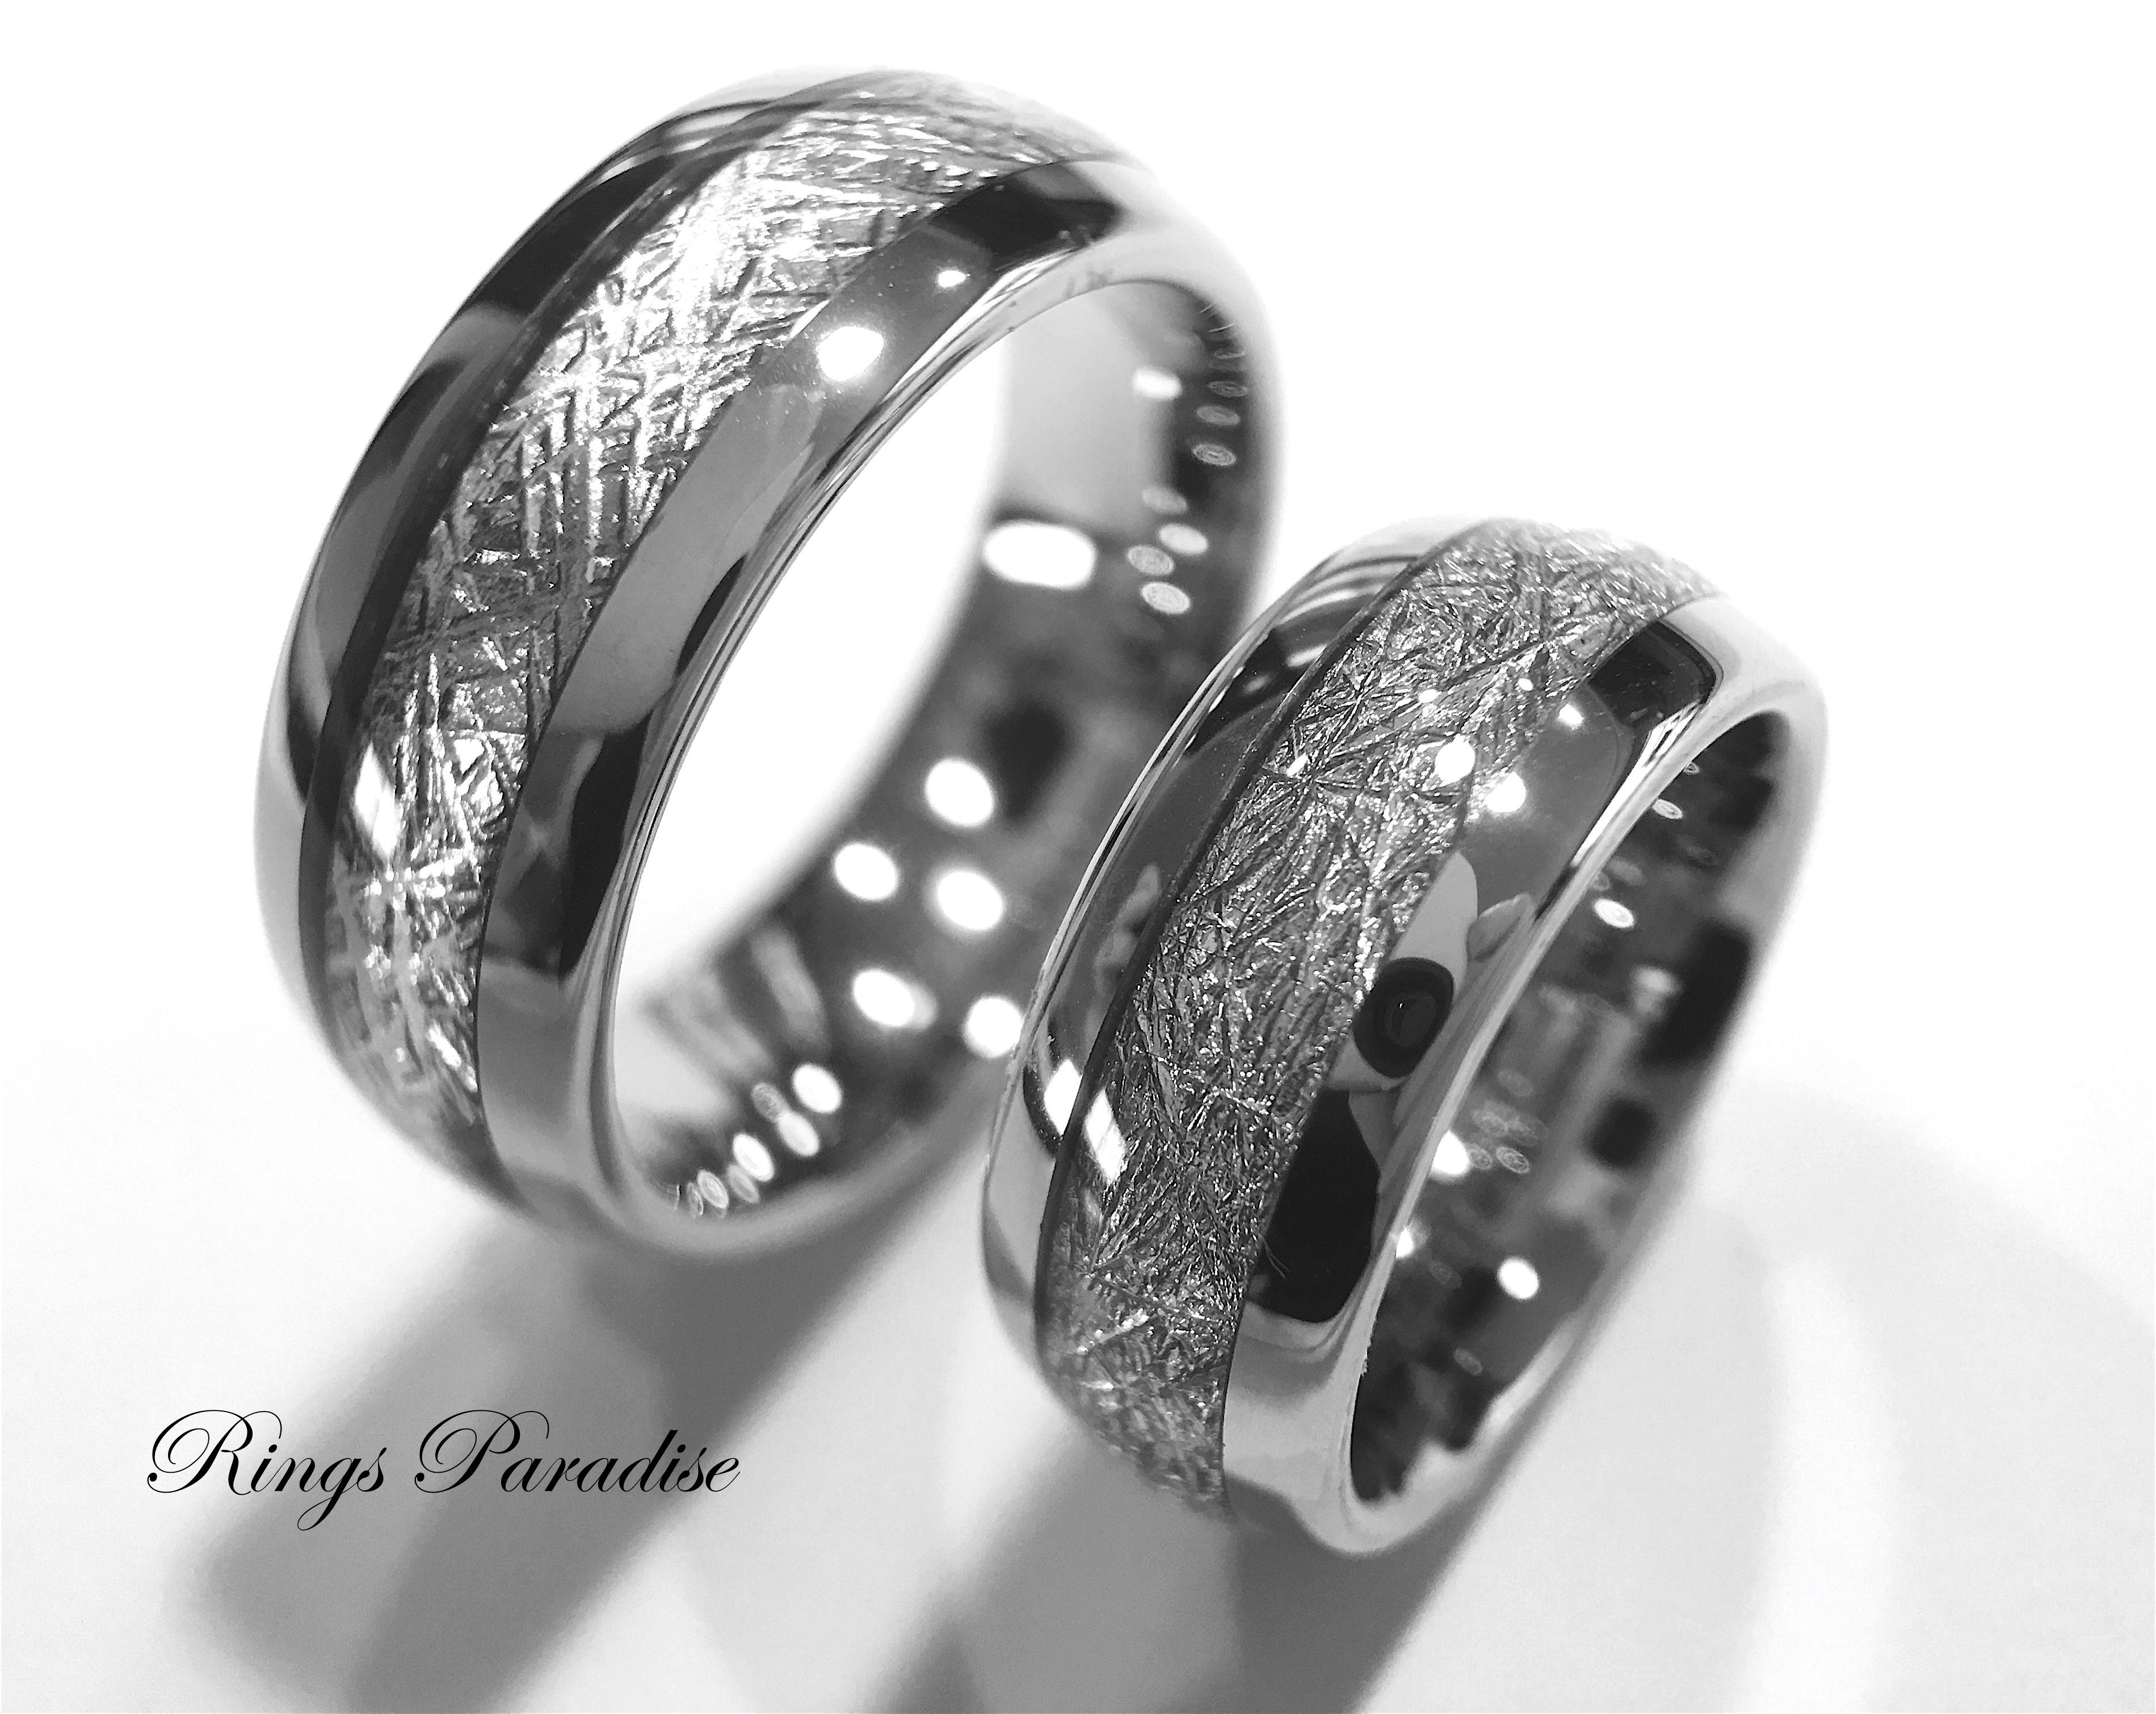 Matching Set Of Meteorite Inlay Tungsten Ring Wedding Band Rings: Meteorite Wedding Bands Cheap At Reisefeber.org